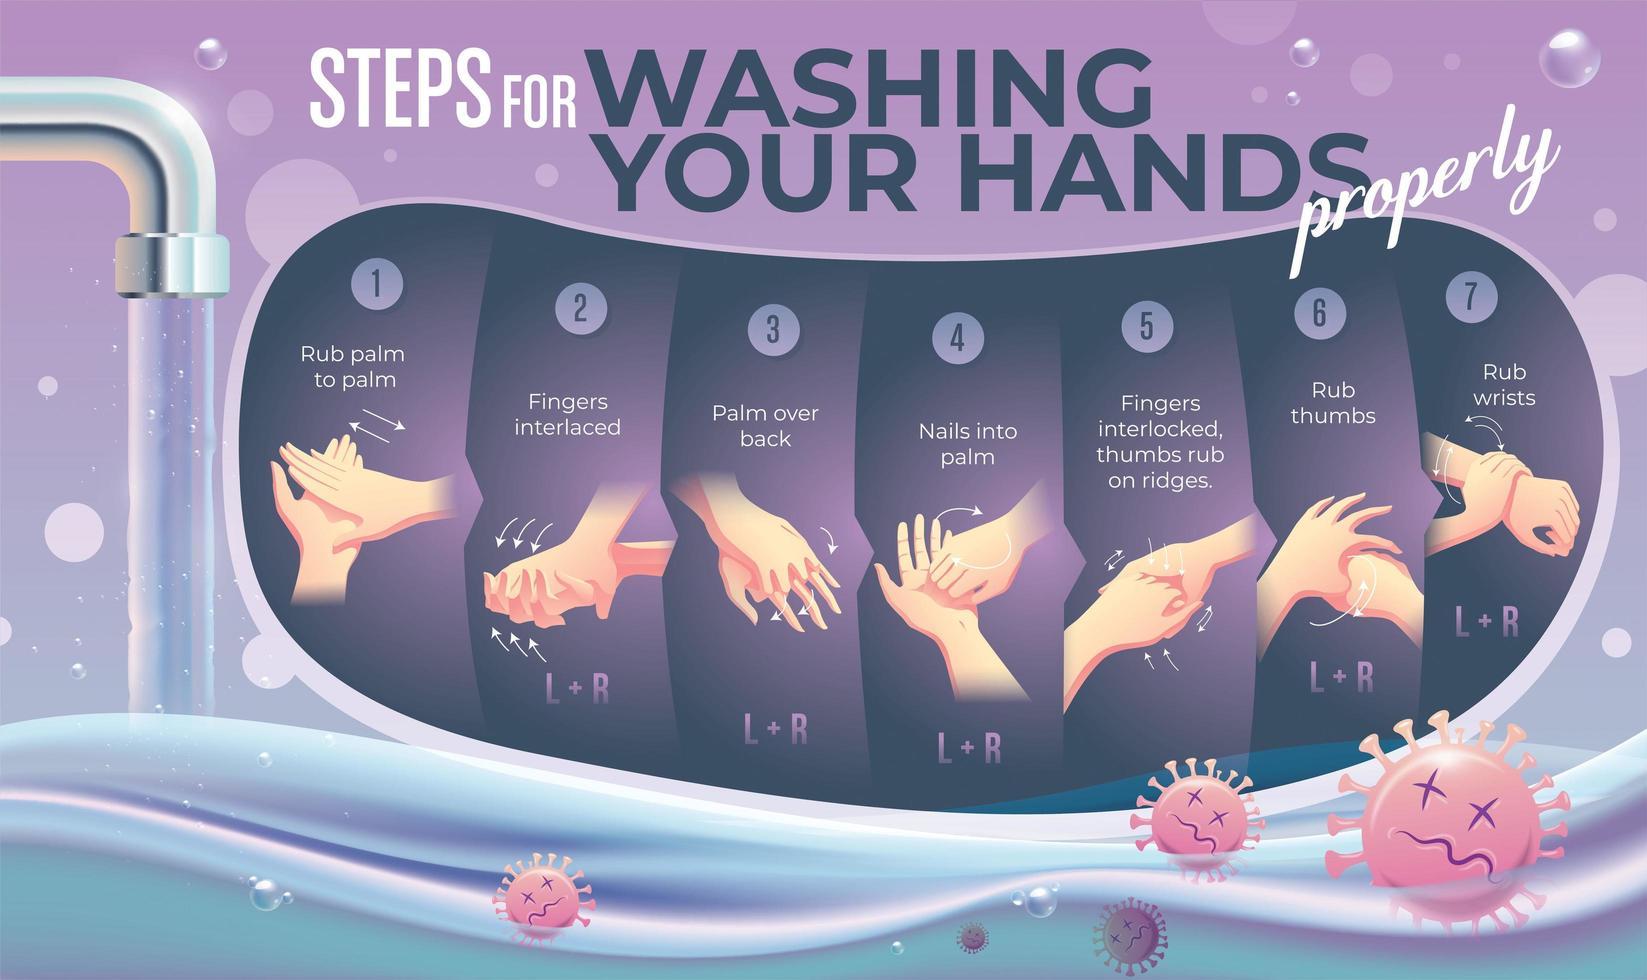 affiche avec des étapes pour bien se laver les mains vecteur